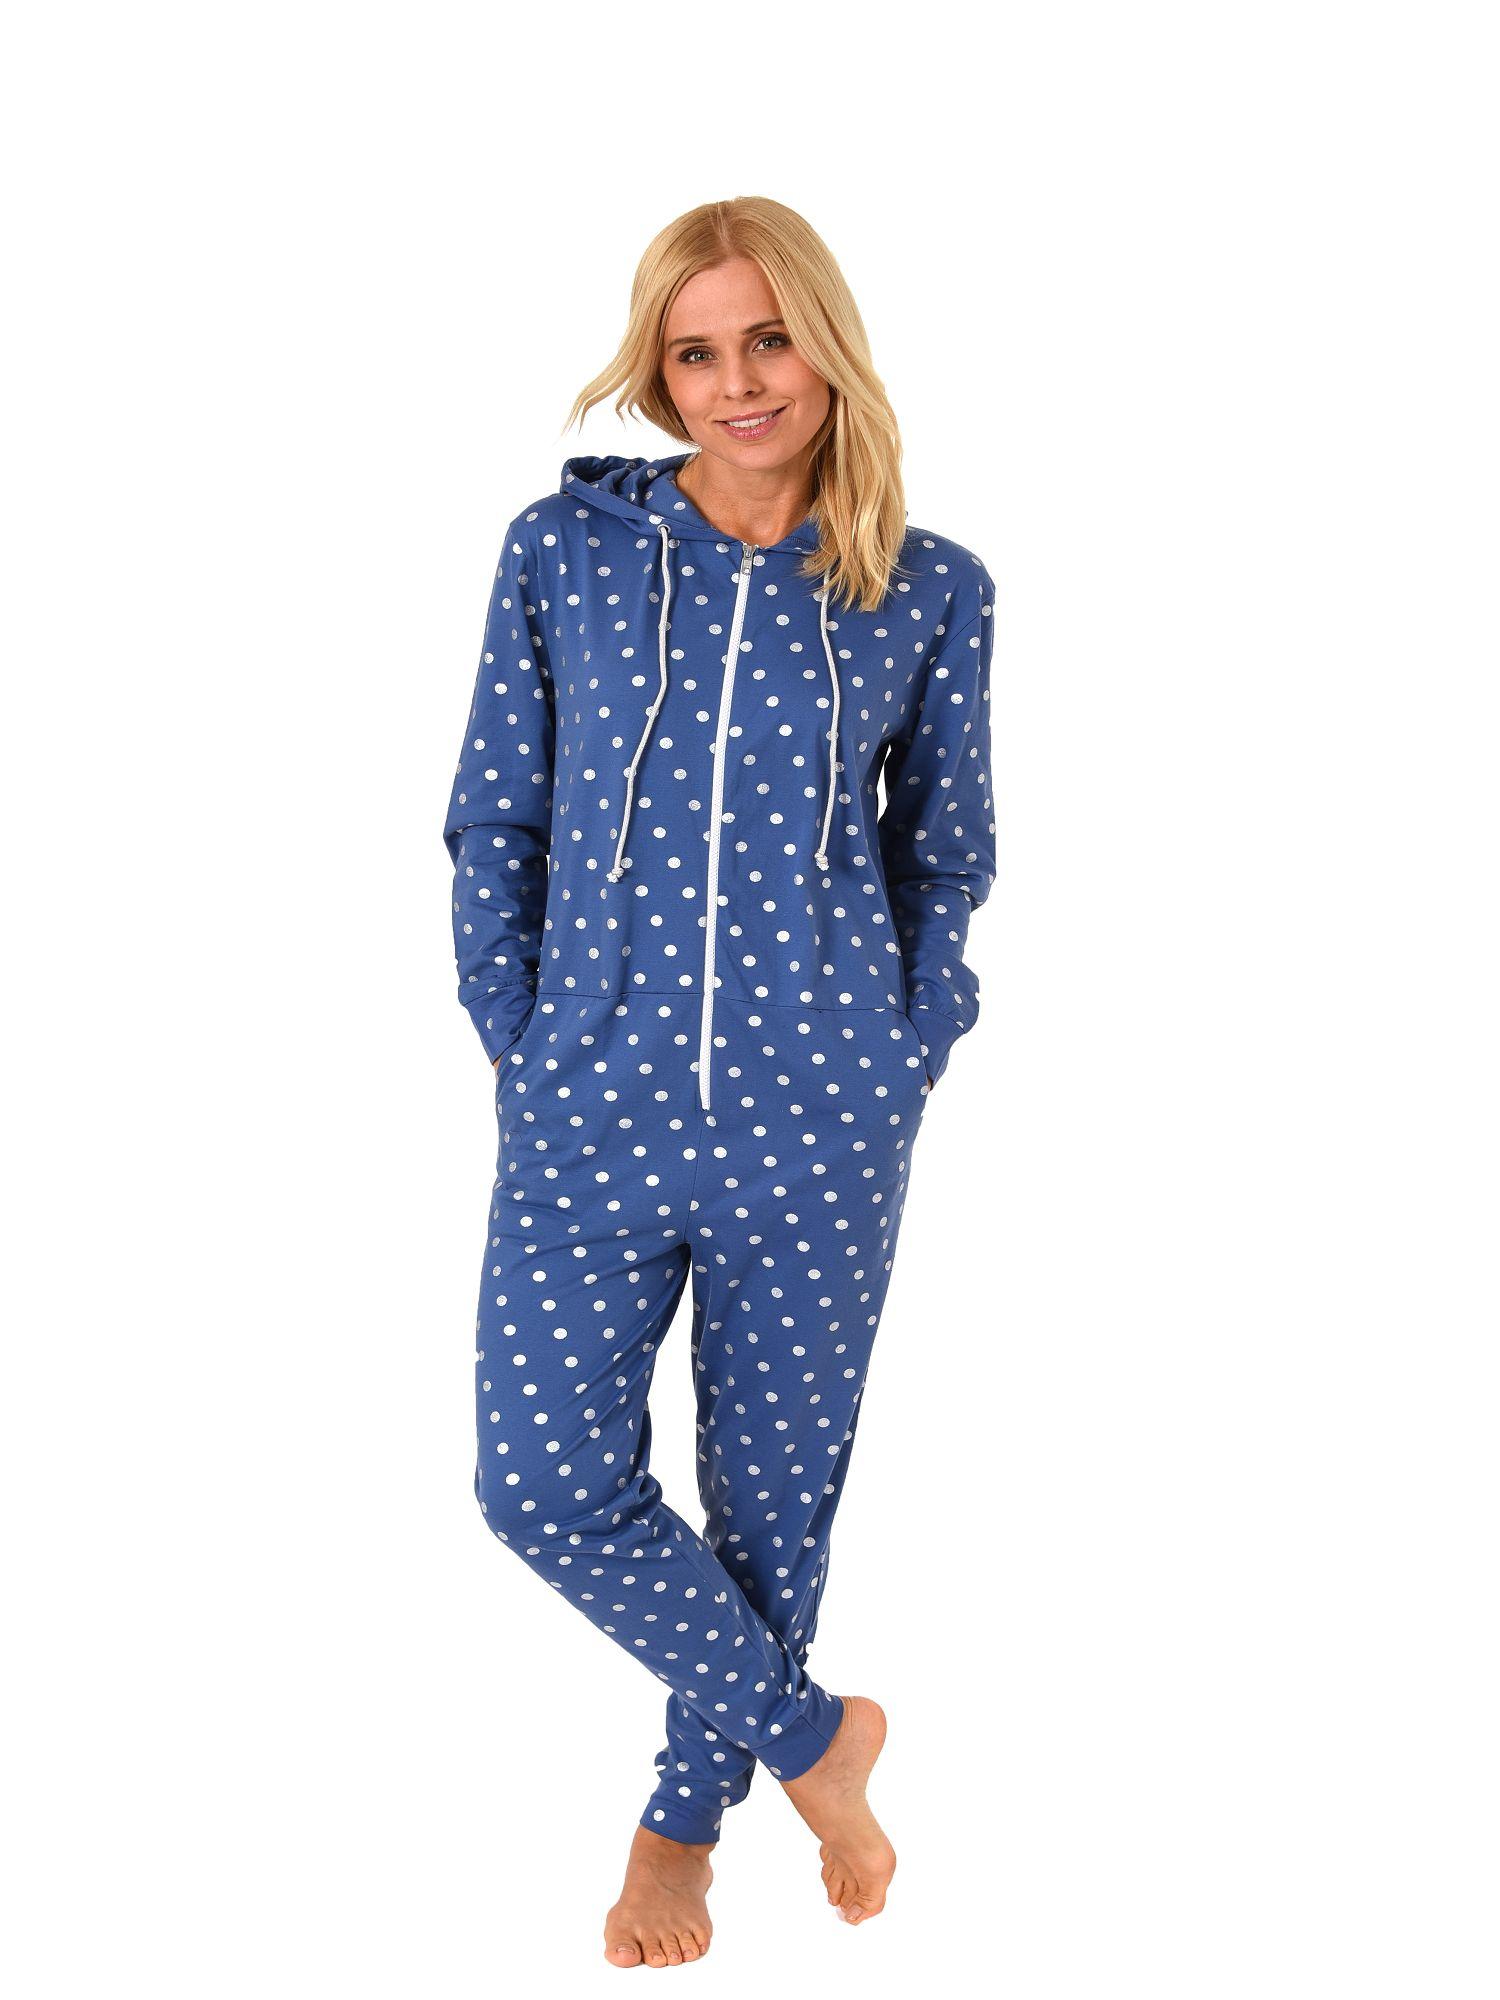 Normann Damen Schlafanzug Einteiler Jumpsuit Overall langarm Tupfendesign 181 267 90 102 – Bild 2